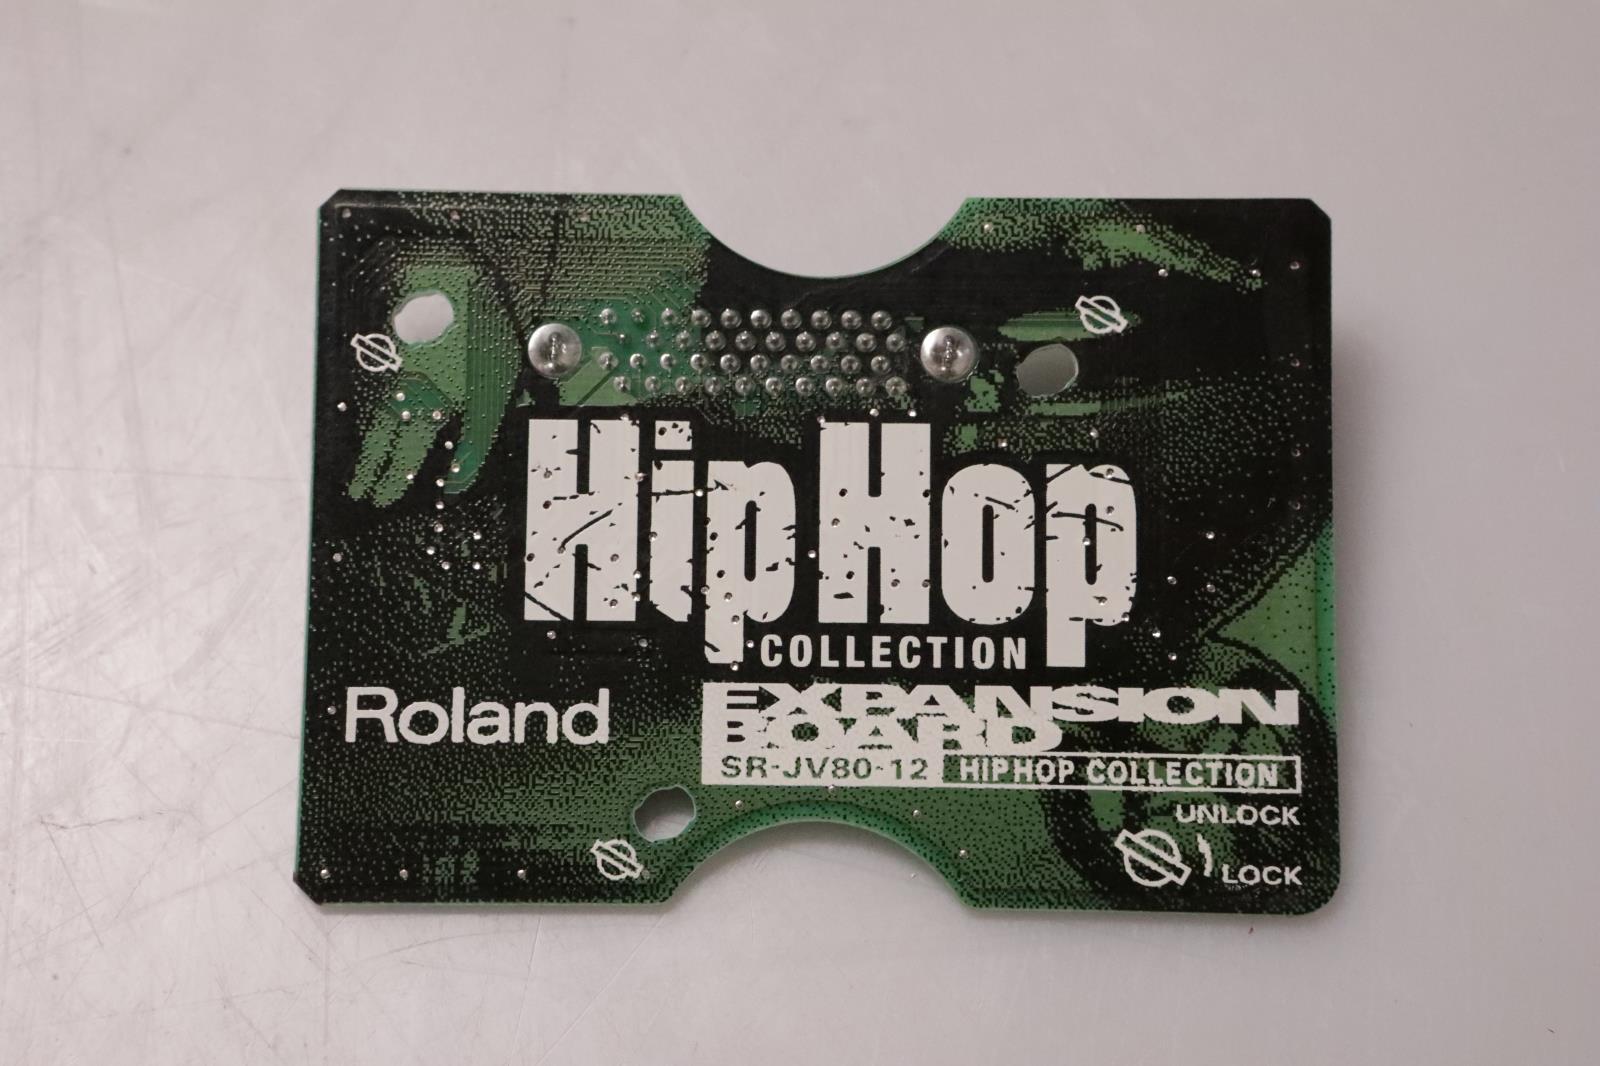 Roland SR-JV80-12 Hip Hop Collection Expansion Board Sound Card SRJV8012 #37019